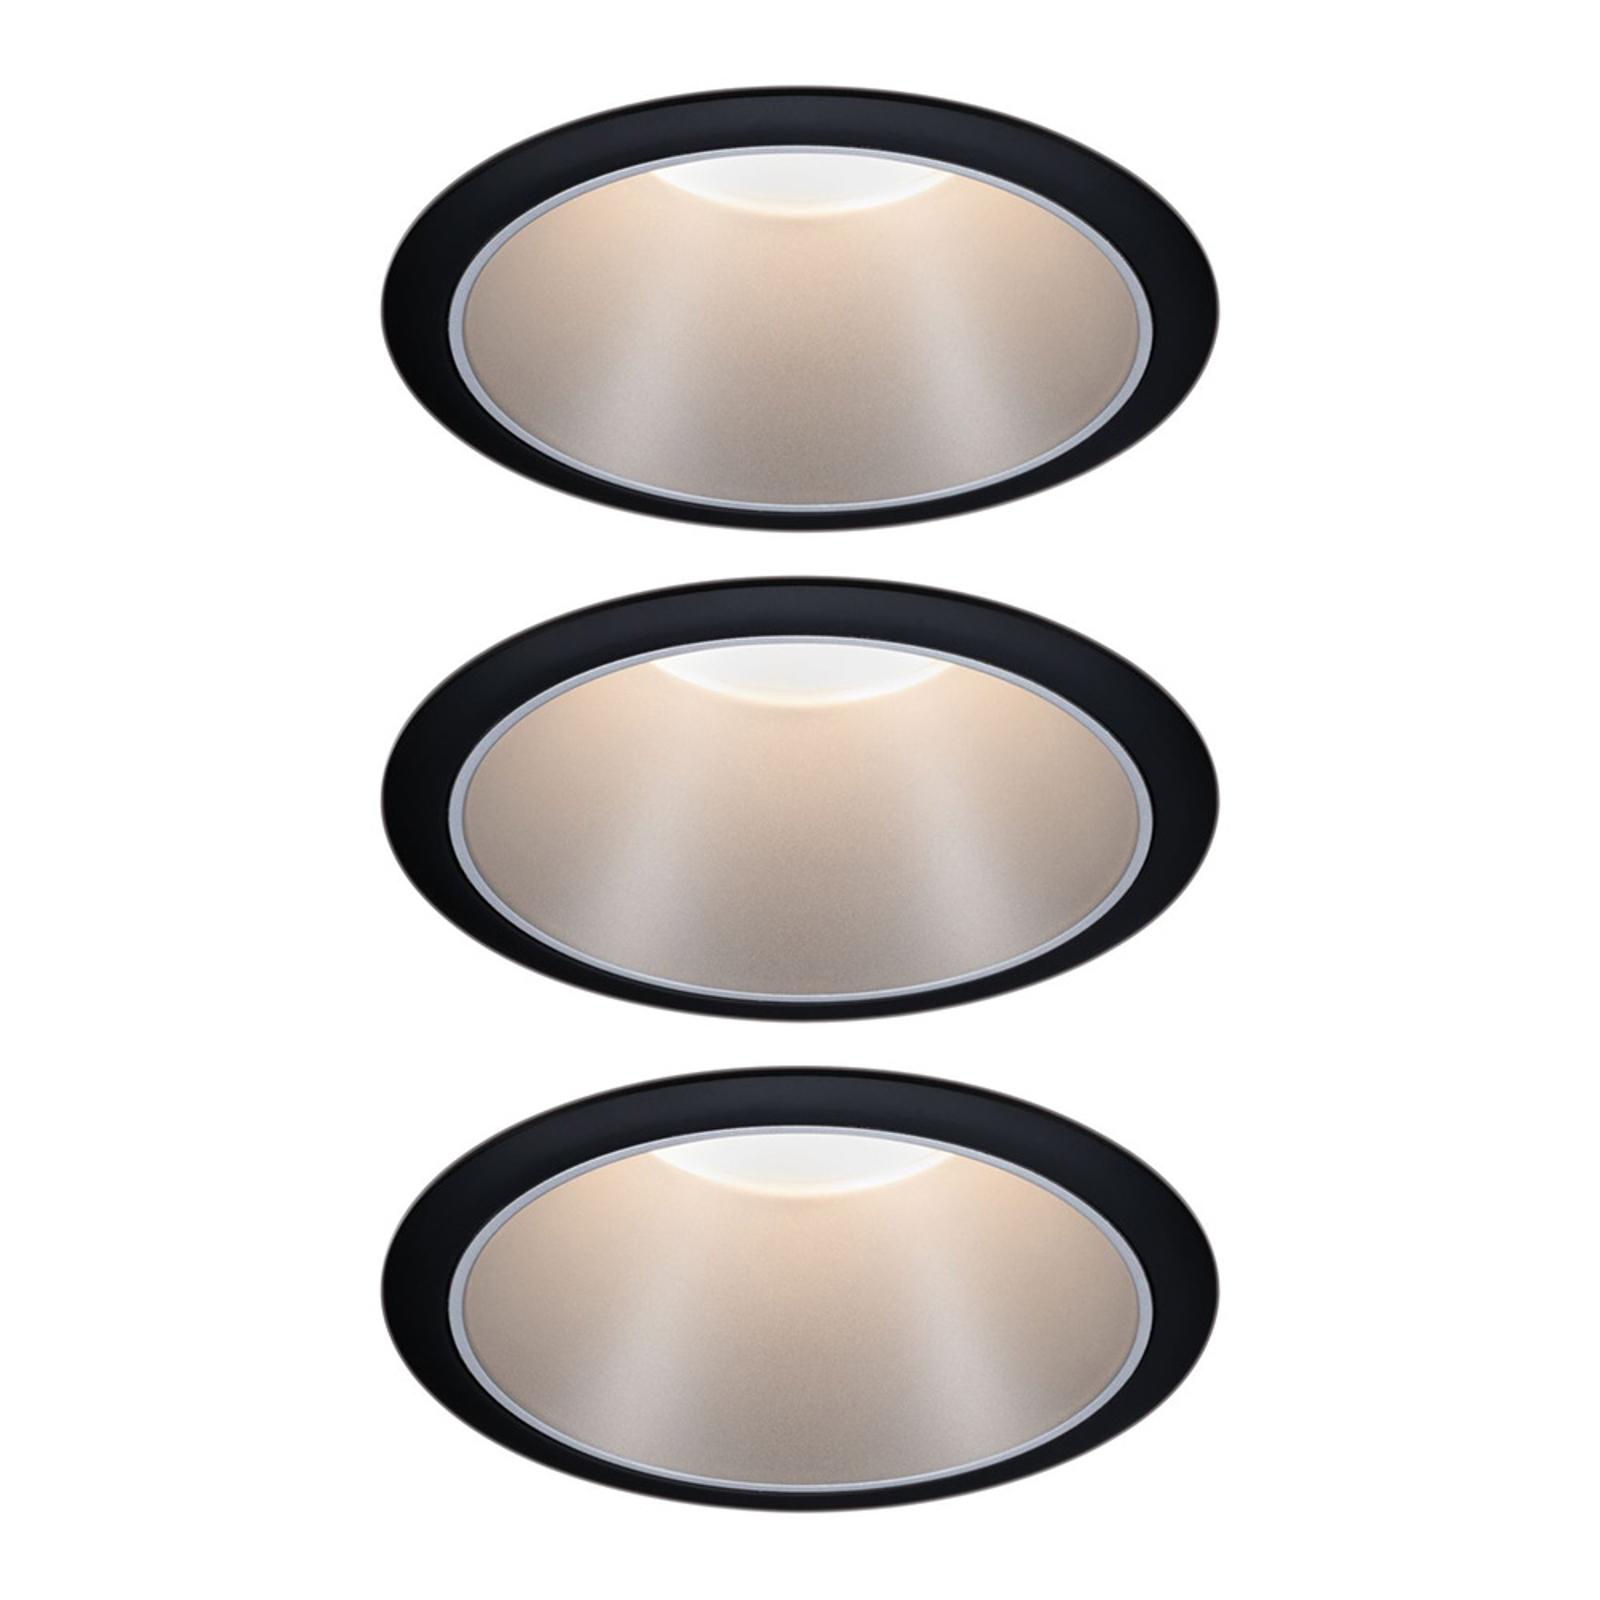 Paulmann Cole LED-Spotlight silber-schwarz 3er-Set